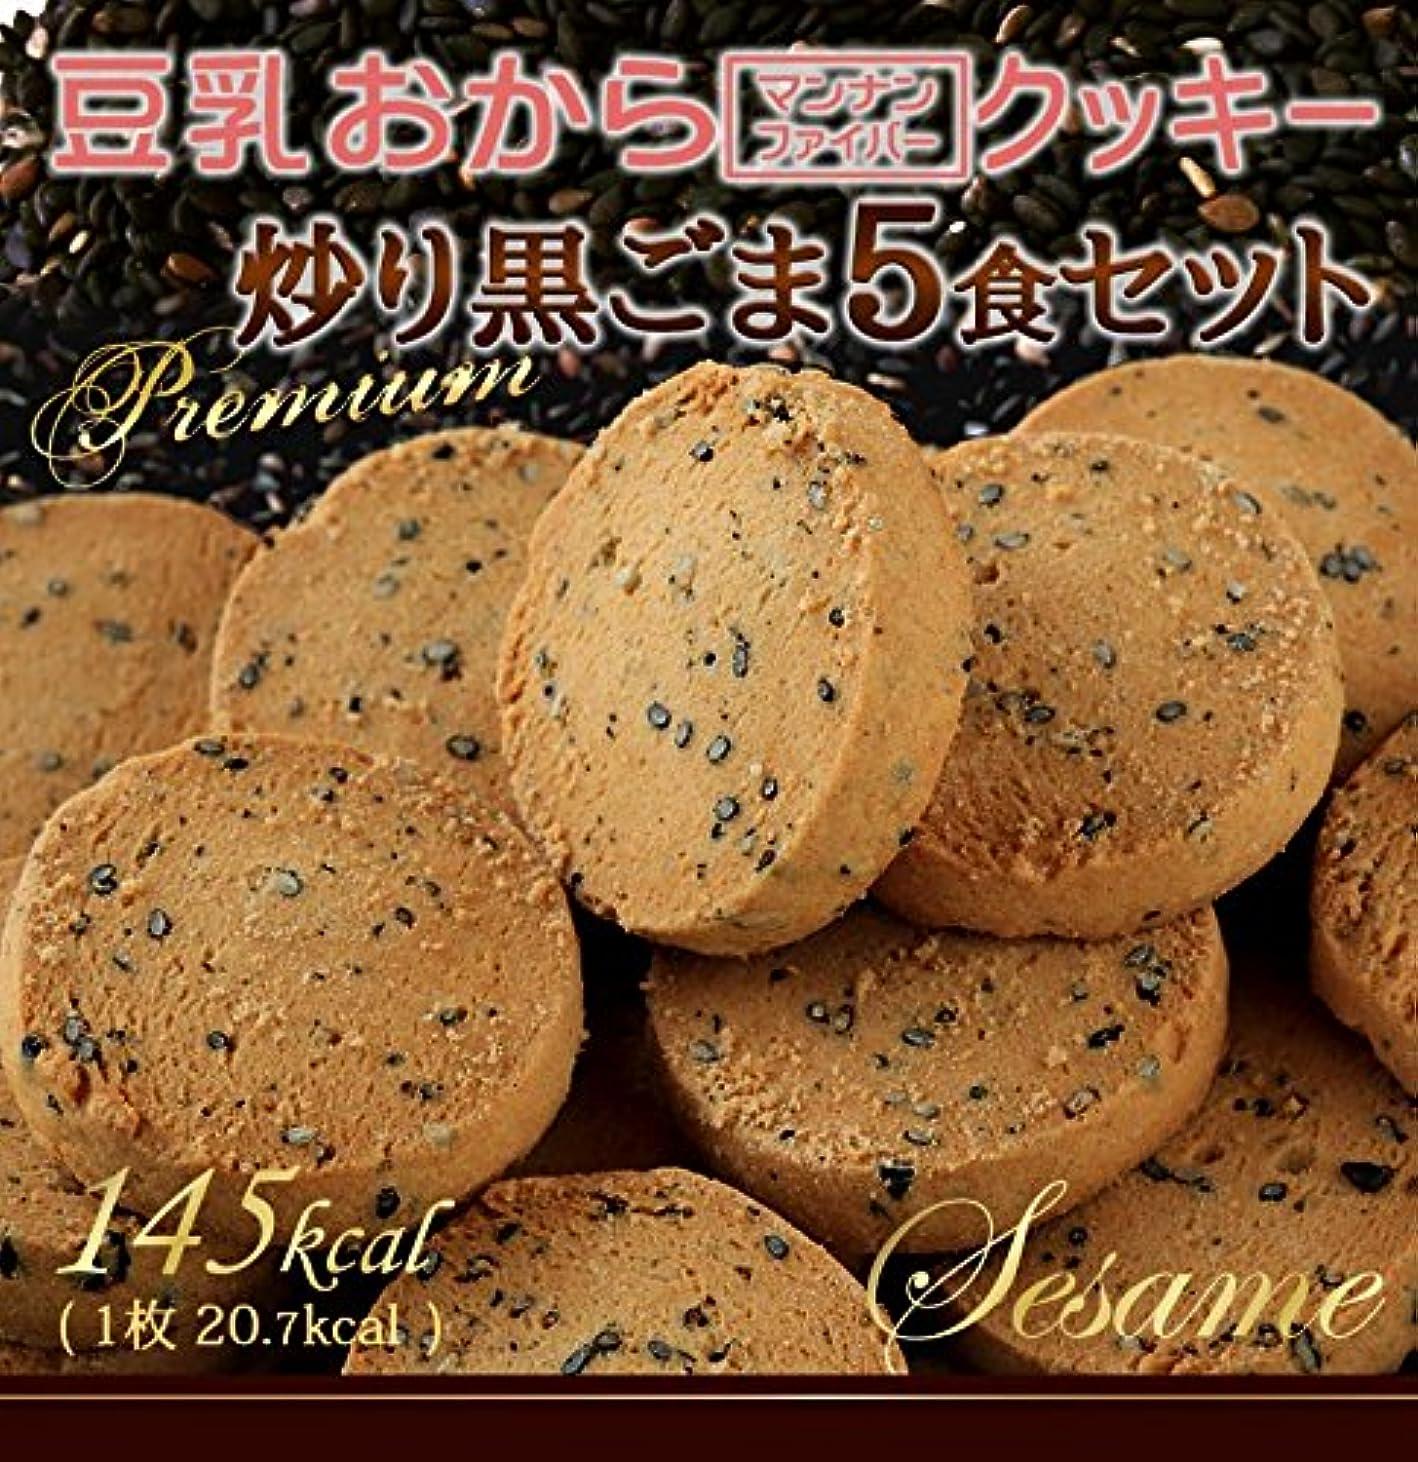 クレーター不適当キモい豆乳おからクッキー5食パック 【ごま味】 ダイエットクッキー